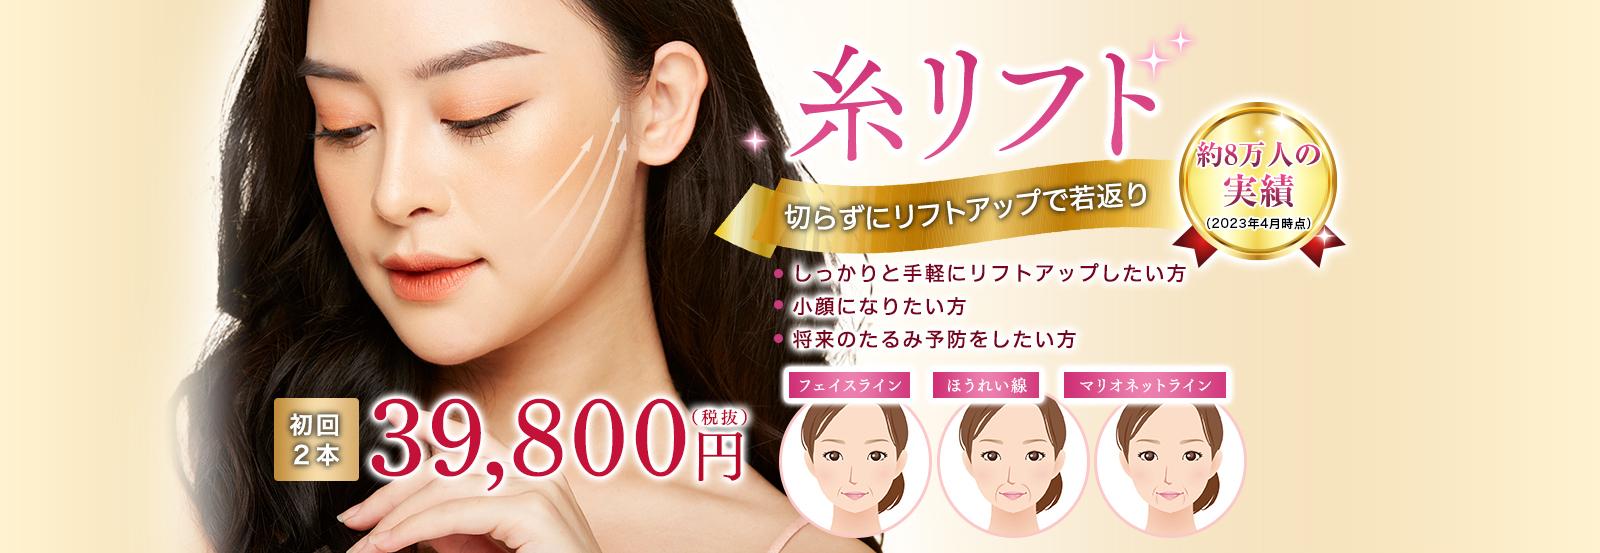 シワ取りヒアルロン酸9,800円